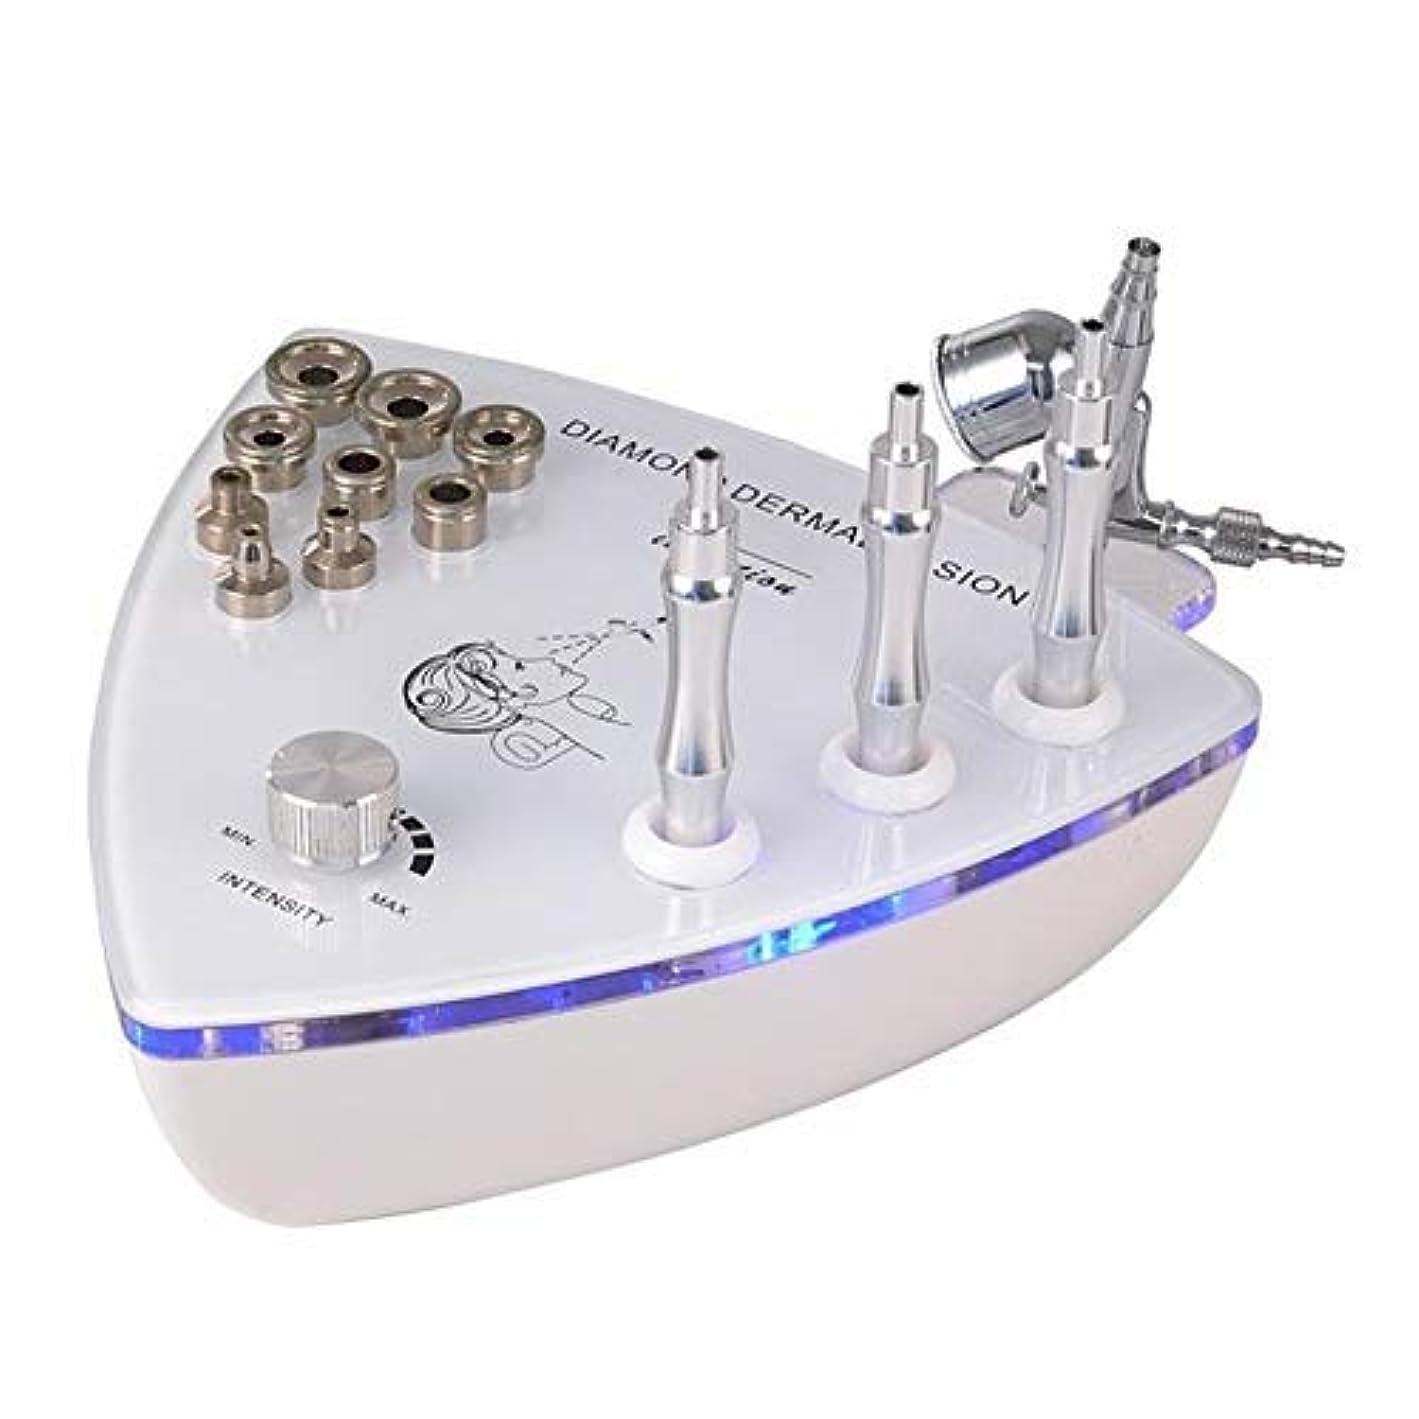 マウスピース常習的集団的美容機器、フェイシャルスキンケア機器、マイクロダーマブレーションマシン、マイクロダーマブレーションおむつダイヤモンドマイクロ彫刻美容機器、角質除去、角質除去、肌の若返り